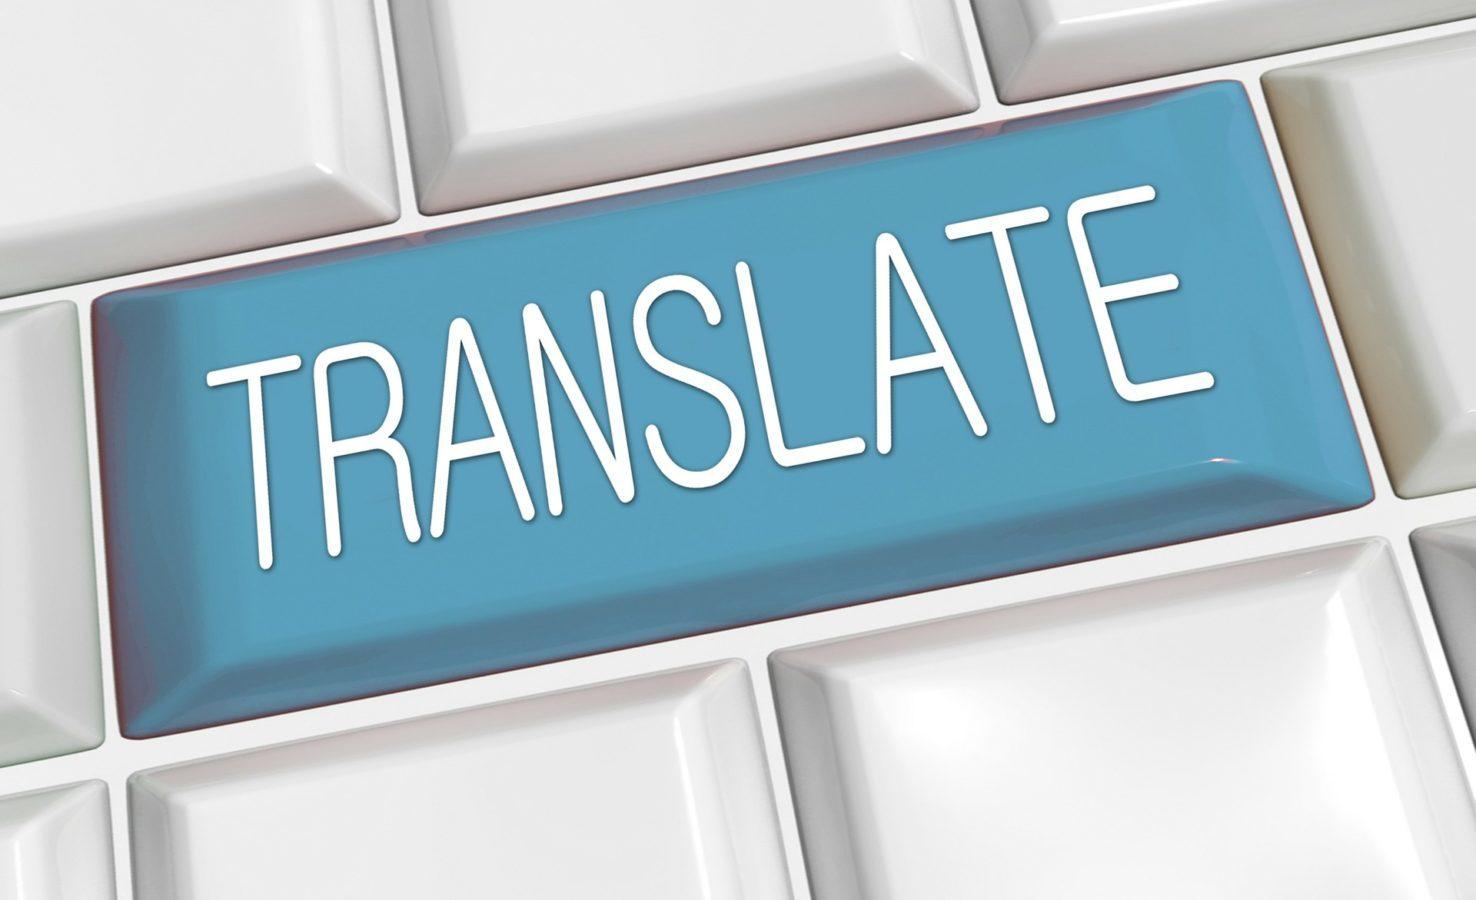 Como deixar seu site multilíngue (vários idiomas) no Wix